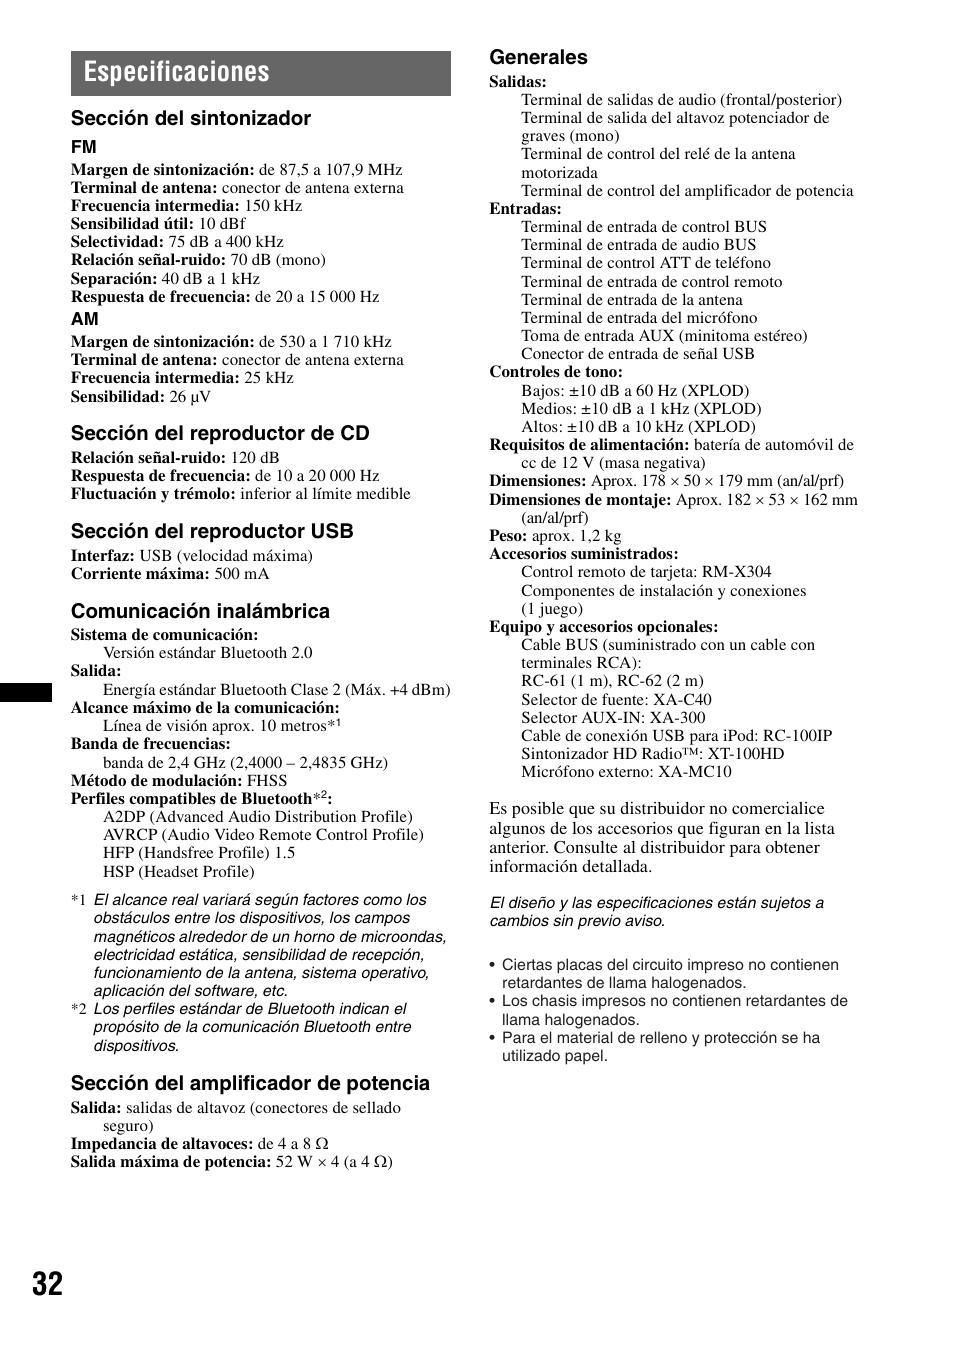 hight resolution of especificaciones secci n del sintonizador secci n del reproductor de cd secci n del reproductor usb